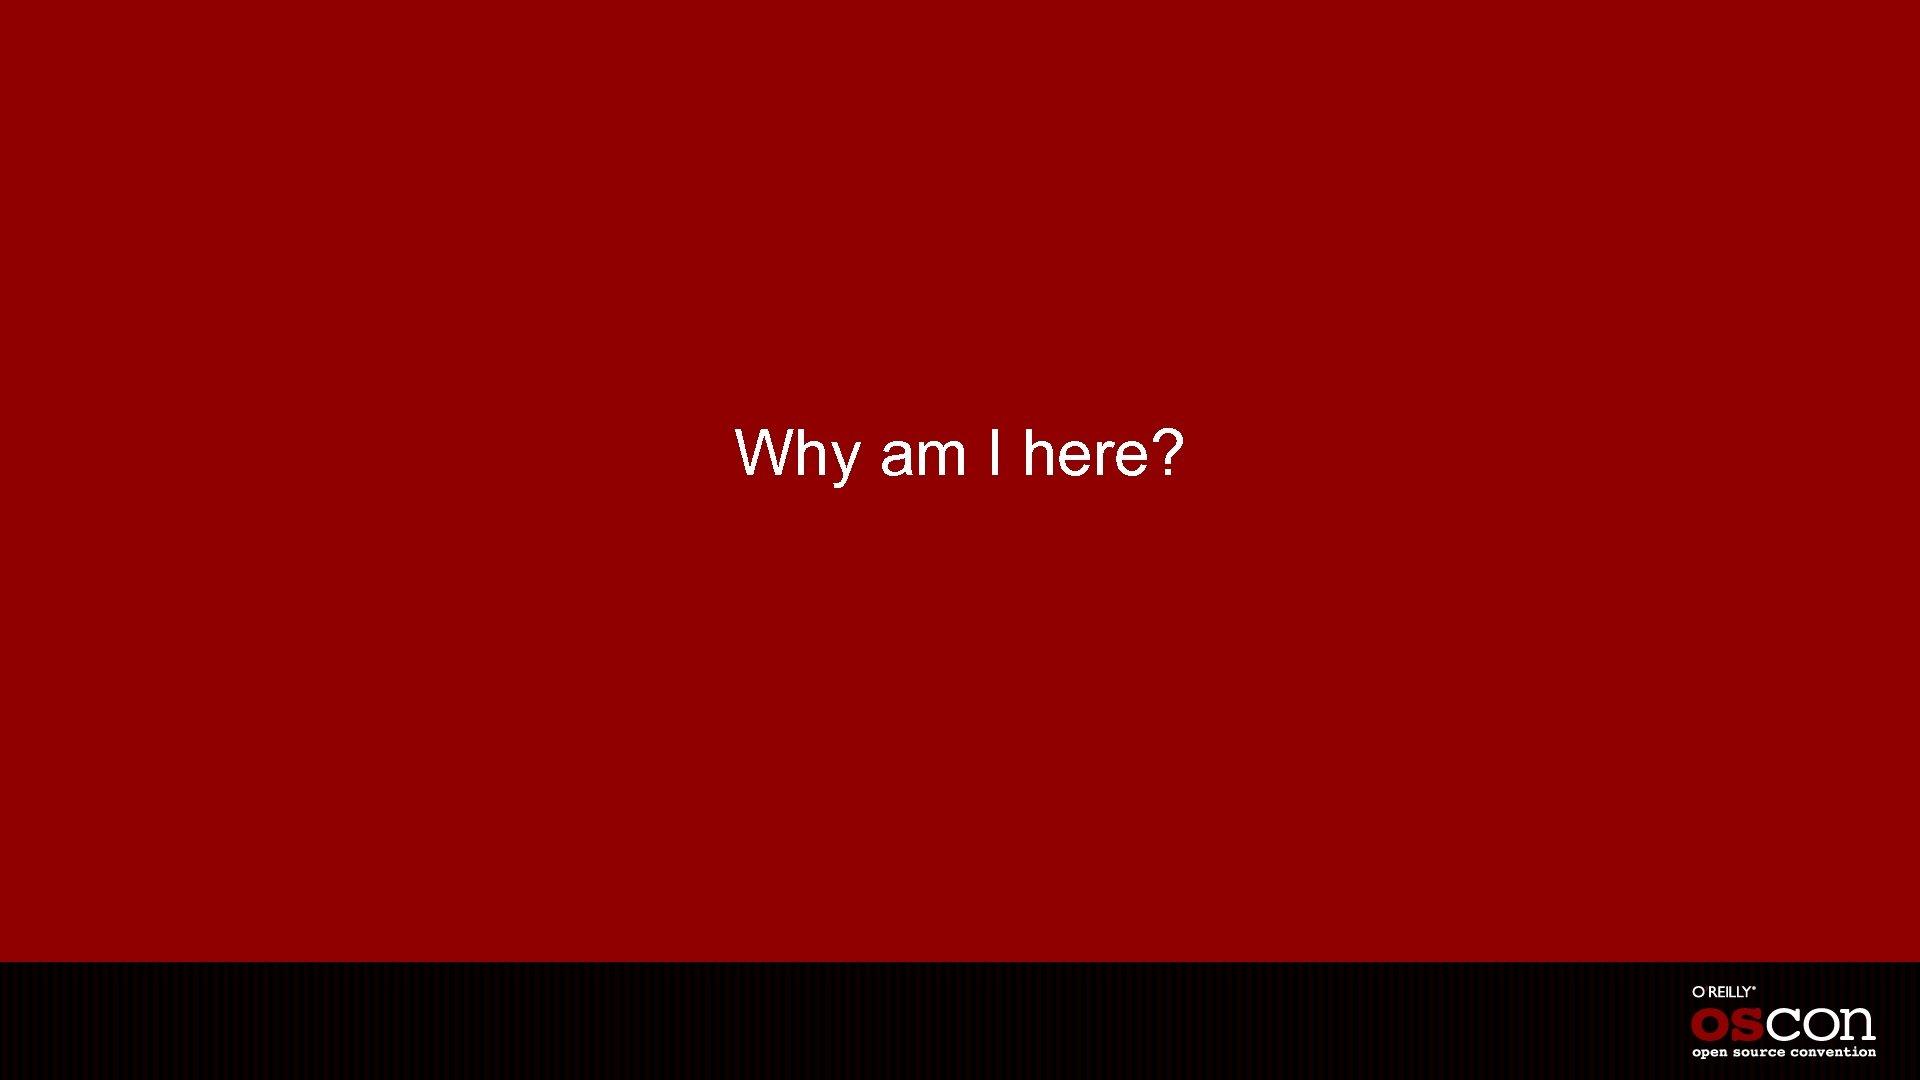 Why am I here?